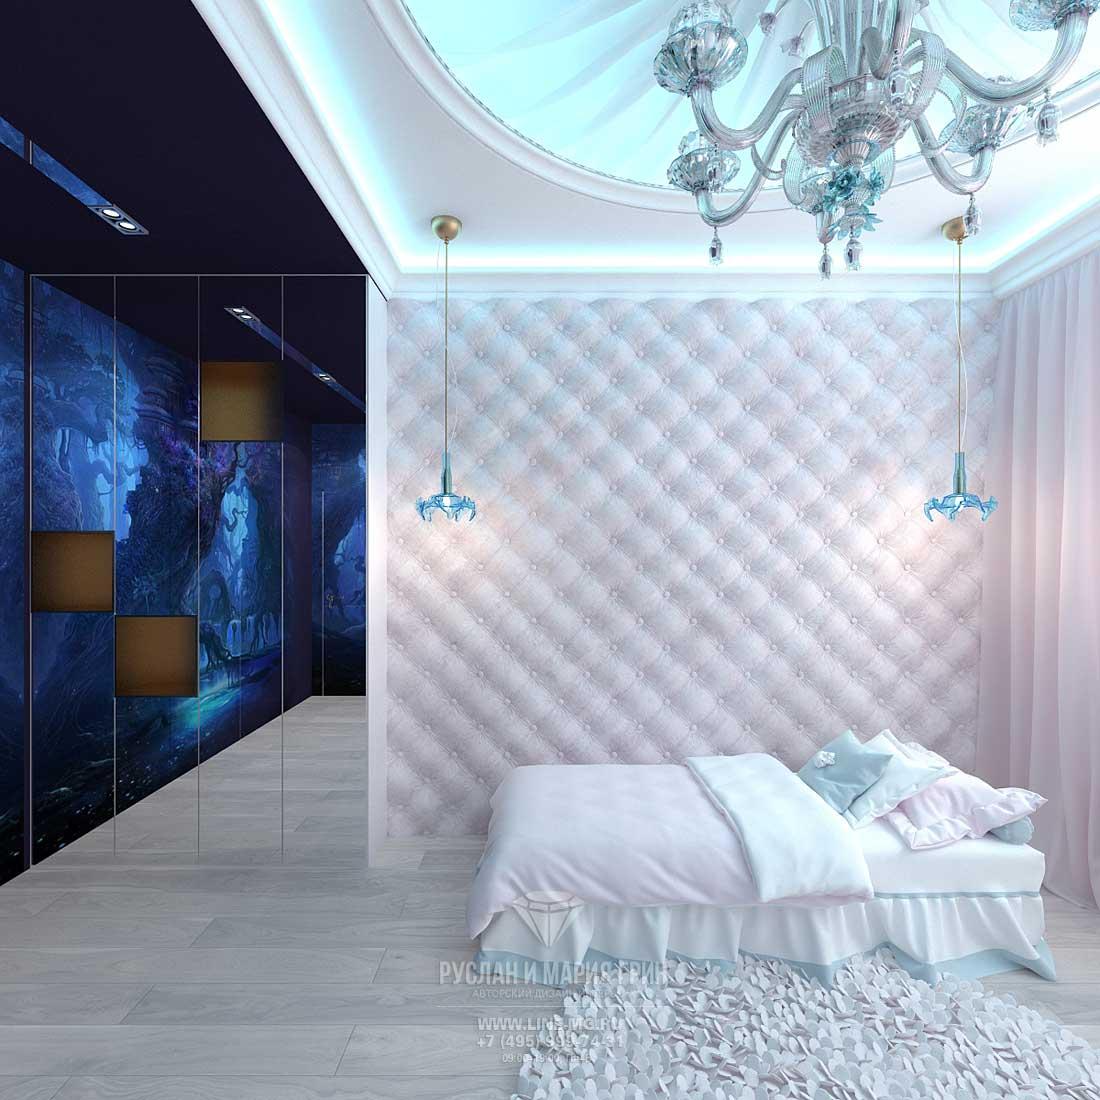 Дизайн детской комнаты в доме: фото